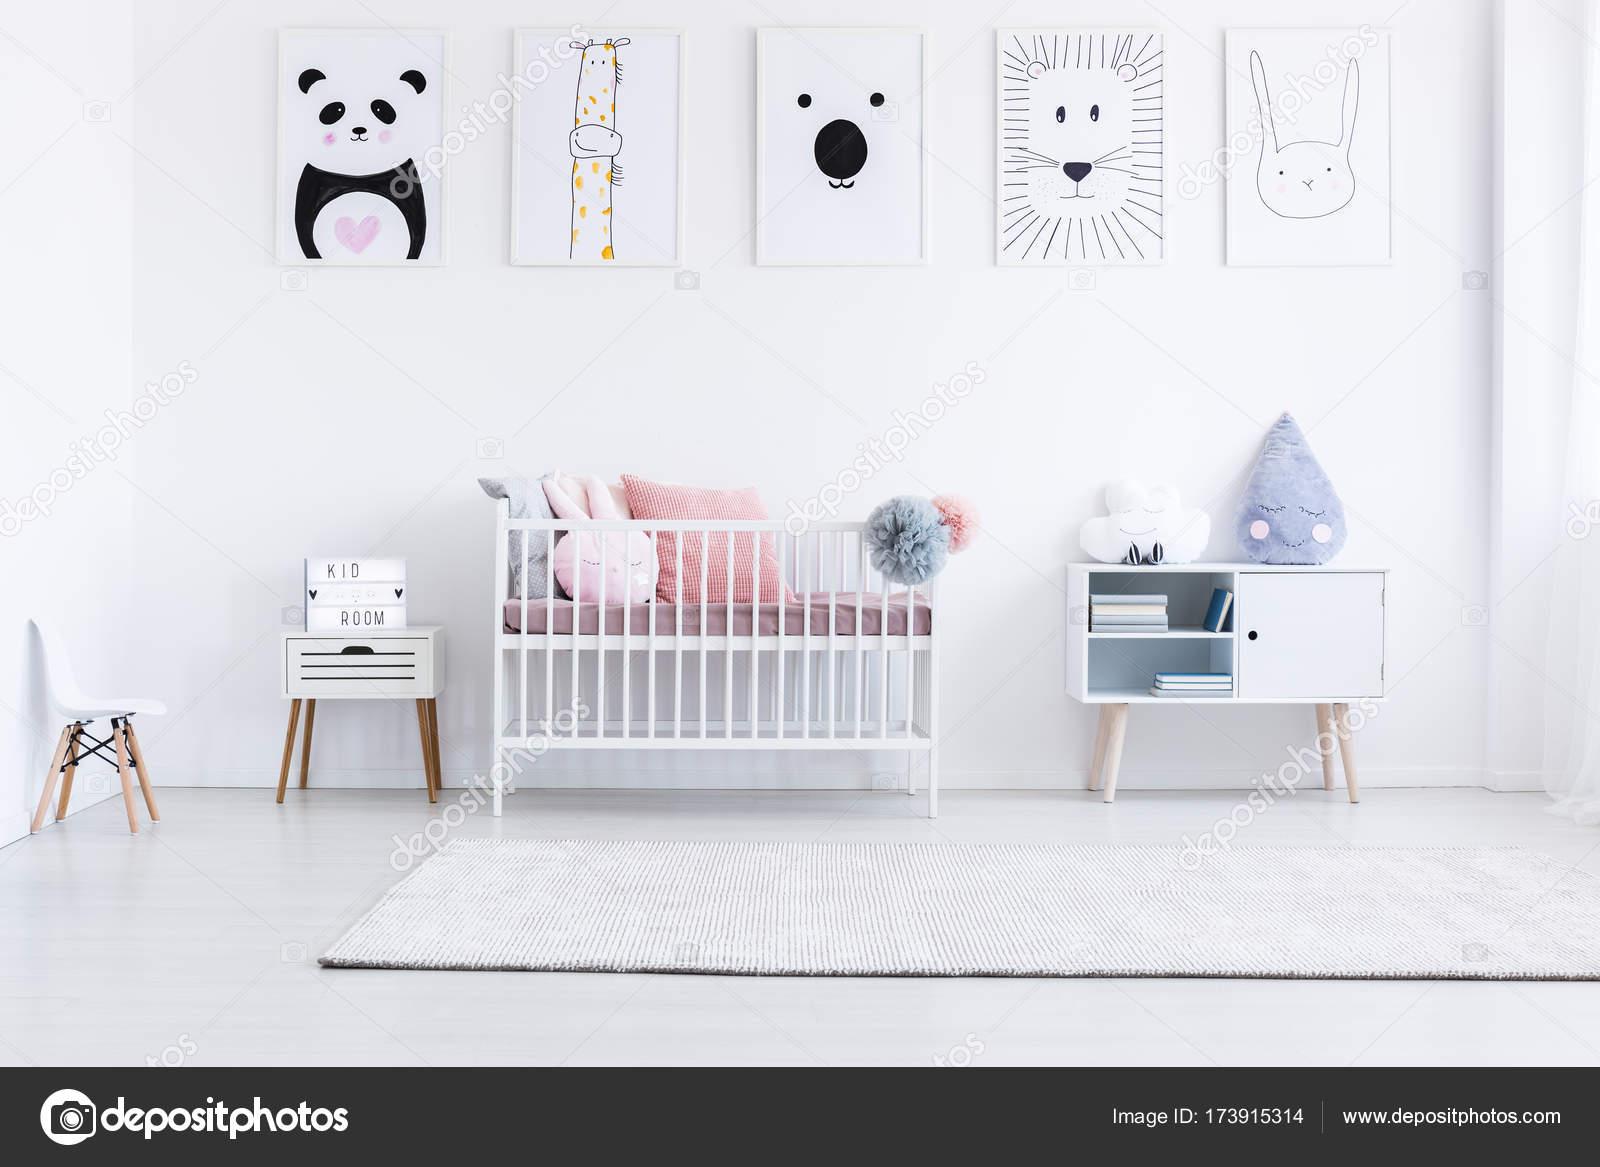 Desenho No Quarto ~ Tigre de desenho no quarto da menina u2014 Stock Photo u00a9 photographee eu #173915314